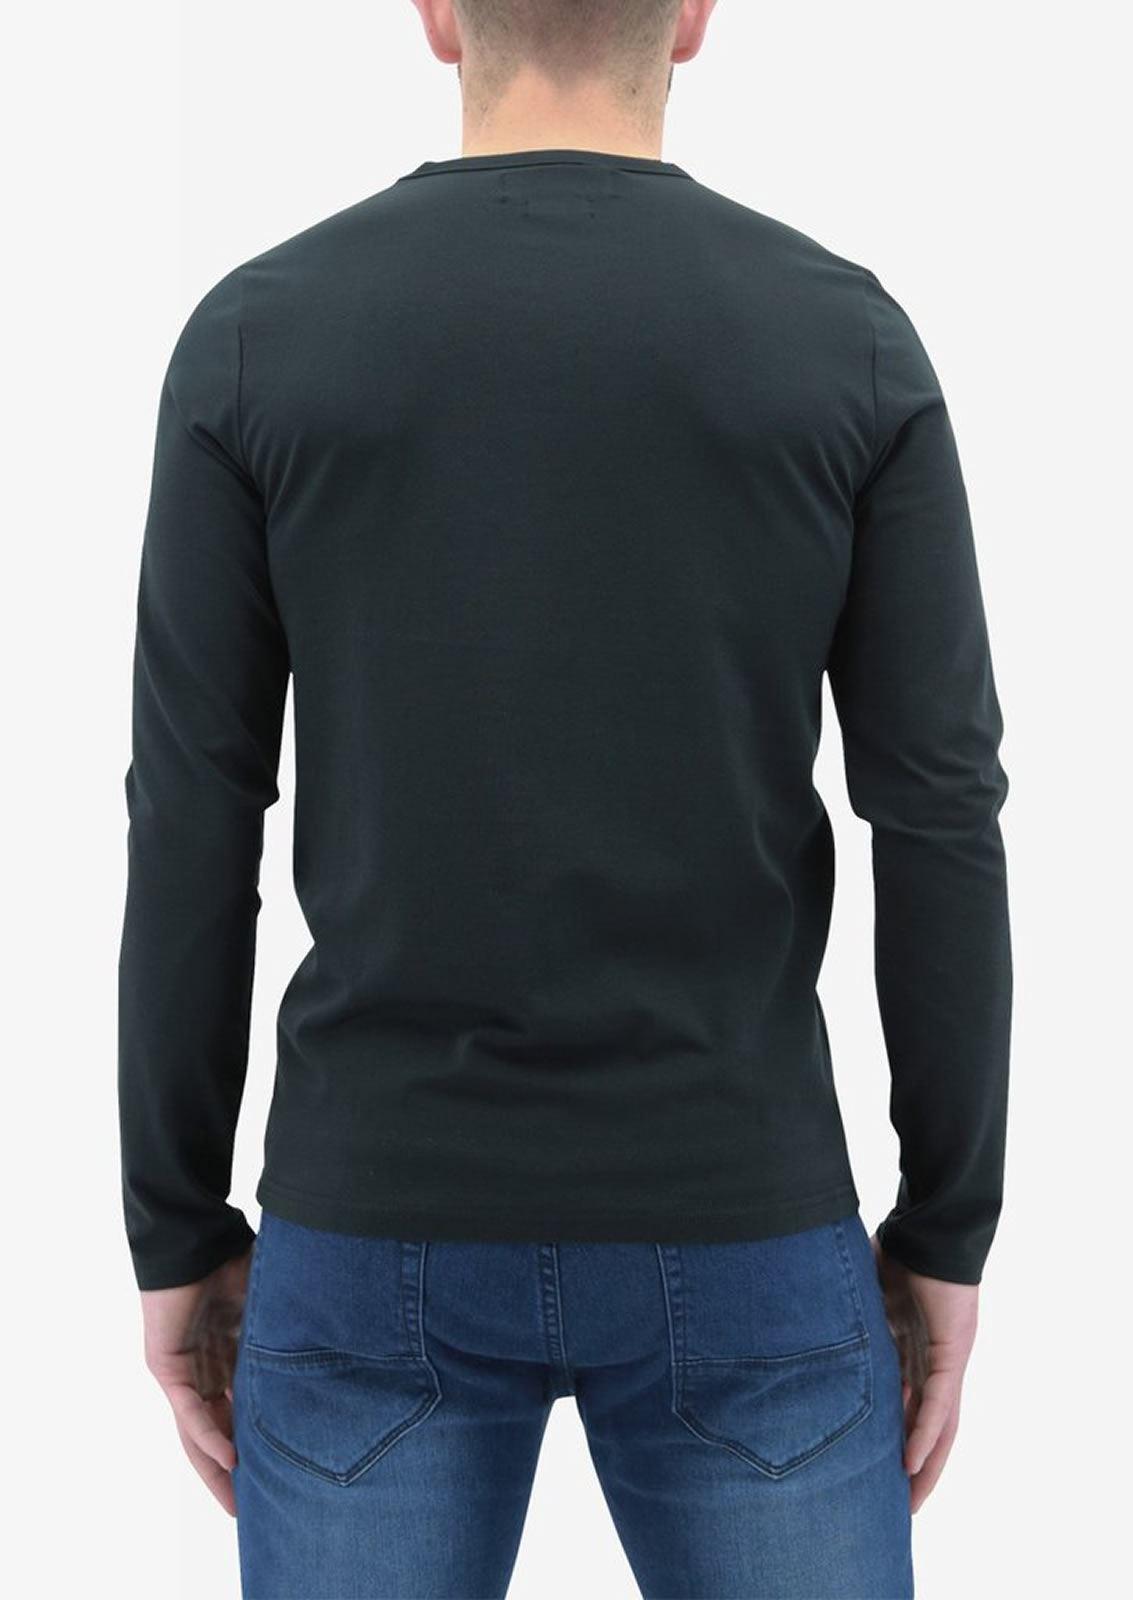 Ne-riche-par-l-039-argent-vetements-jaspe-sanguin-Hommes-T-Shirt-a-Manches-Longues-V-Neck-Tee miniature 9